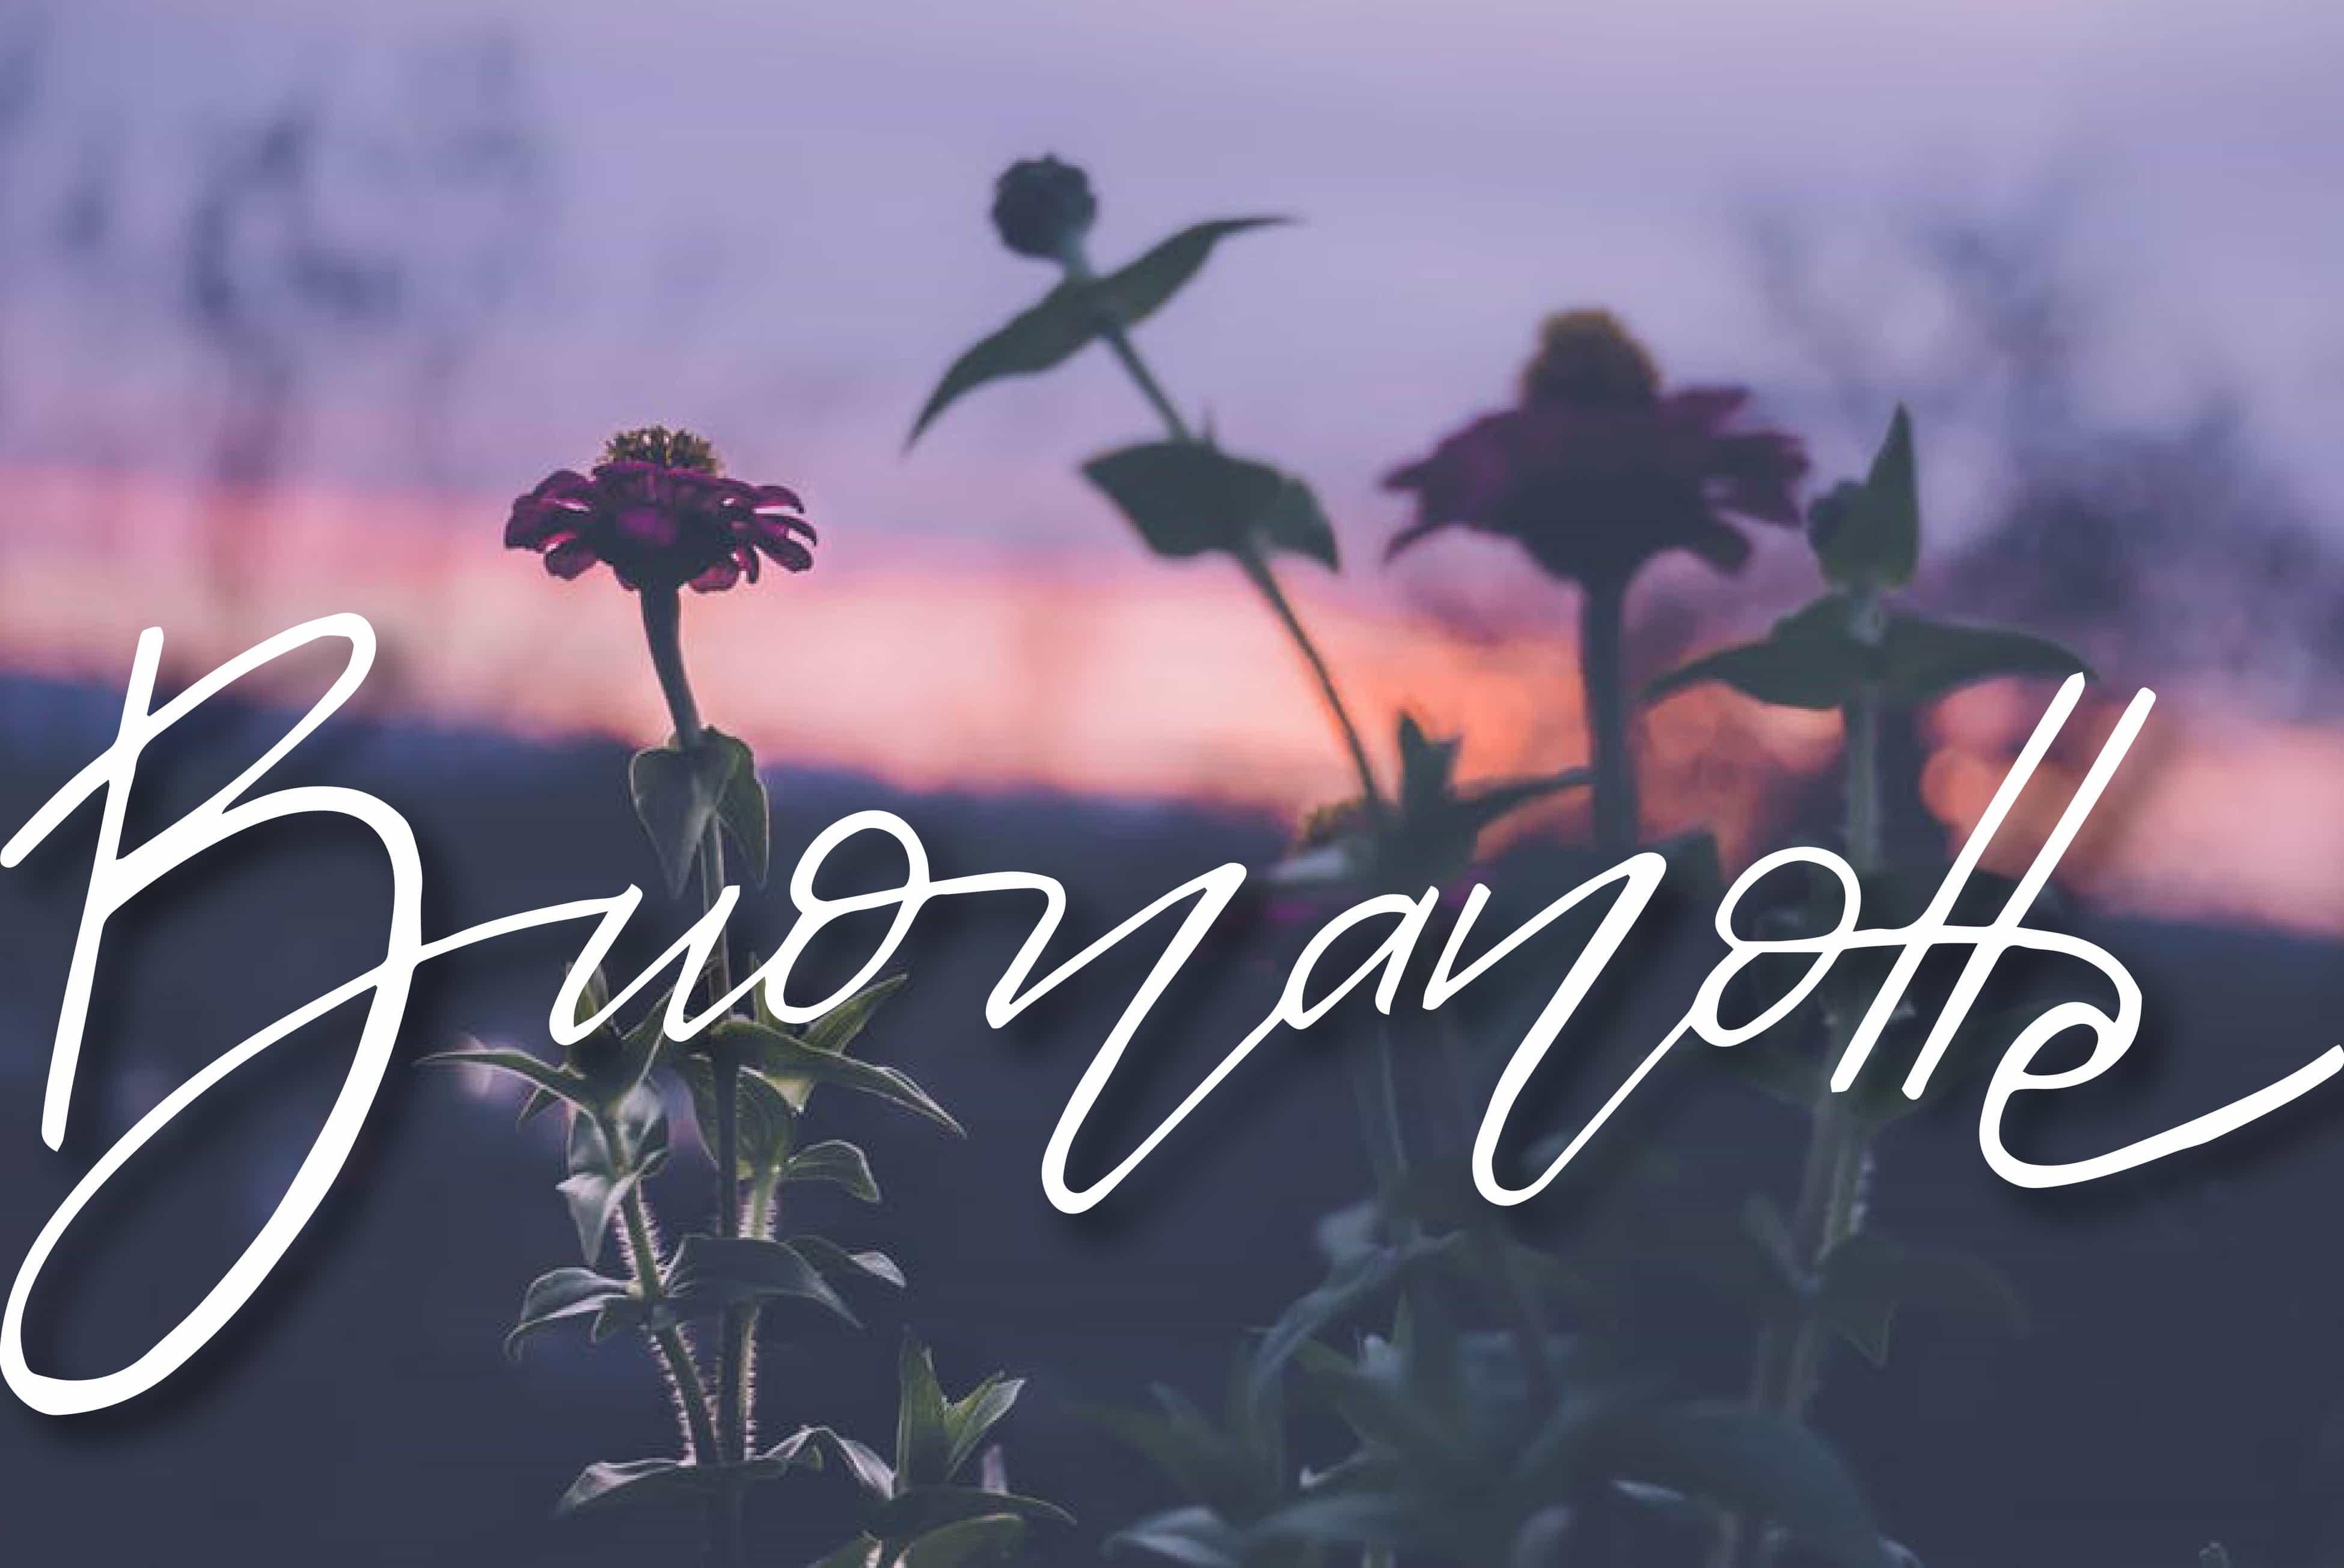 Dolce notte con i fiori